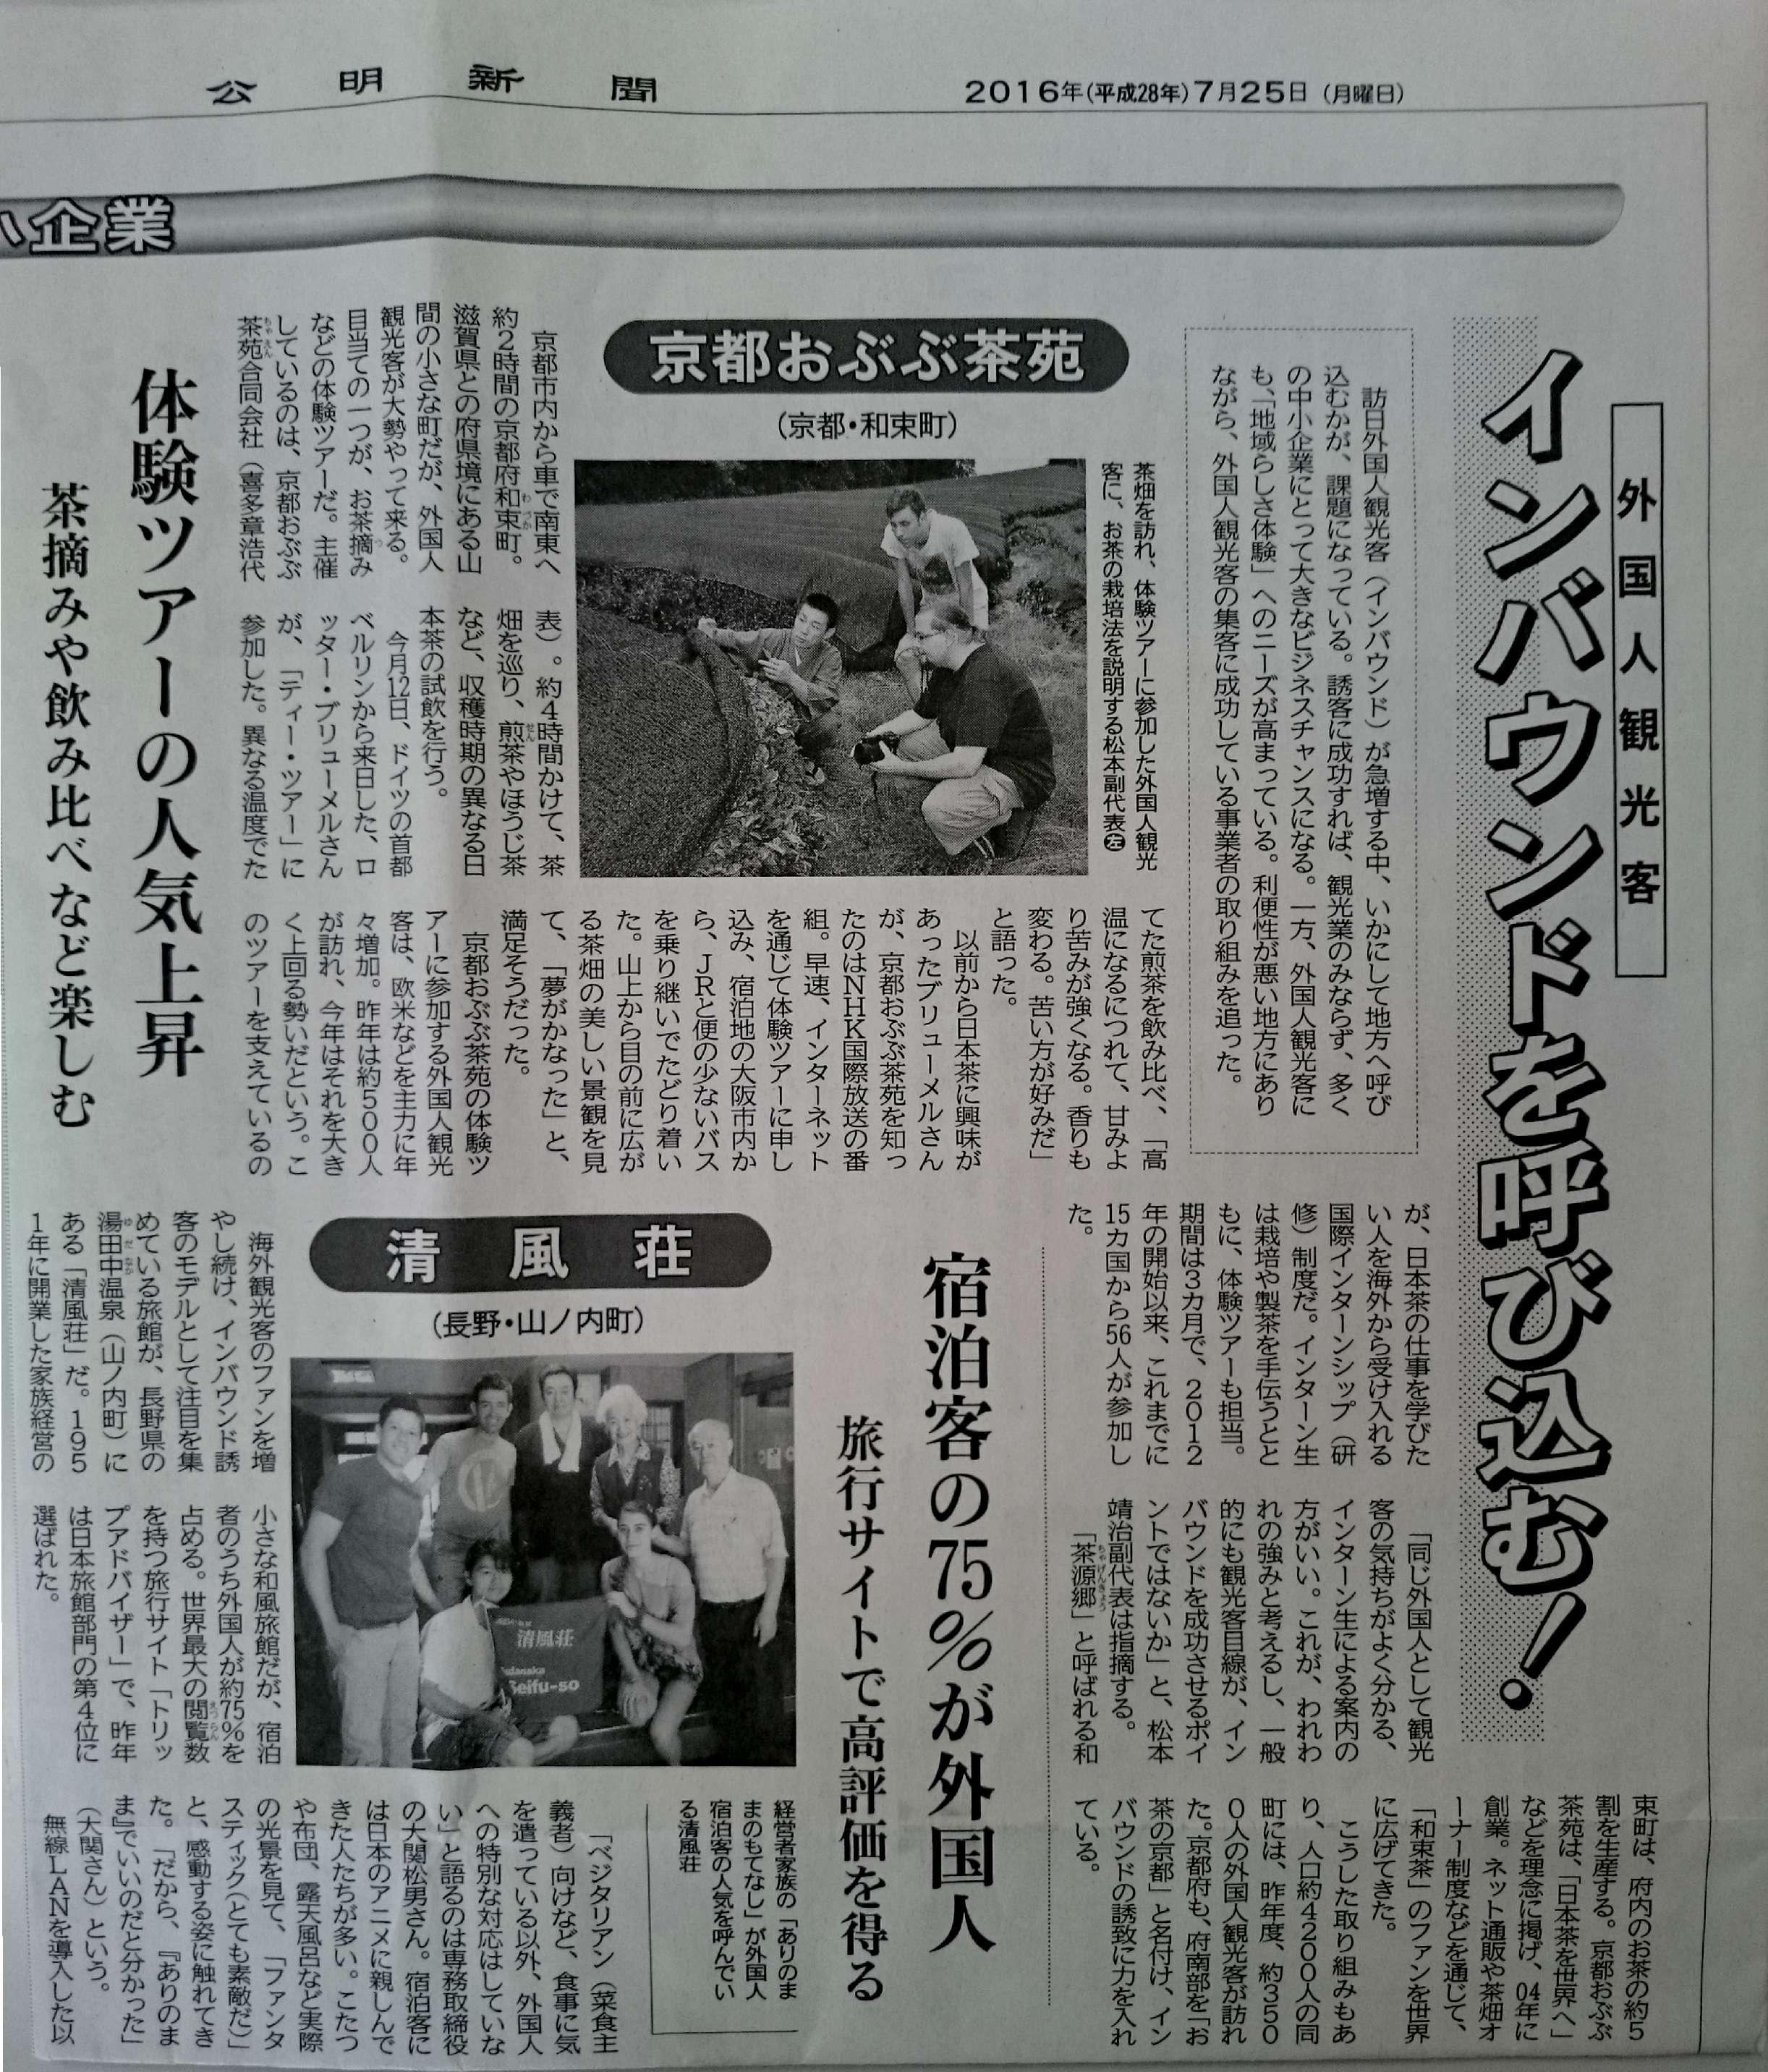 【マスコミ掲載御礼】公明新聞にて「外国人観光客インバウンドを呼び込む!」という見出しで特集して頂きました!